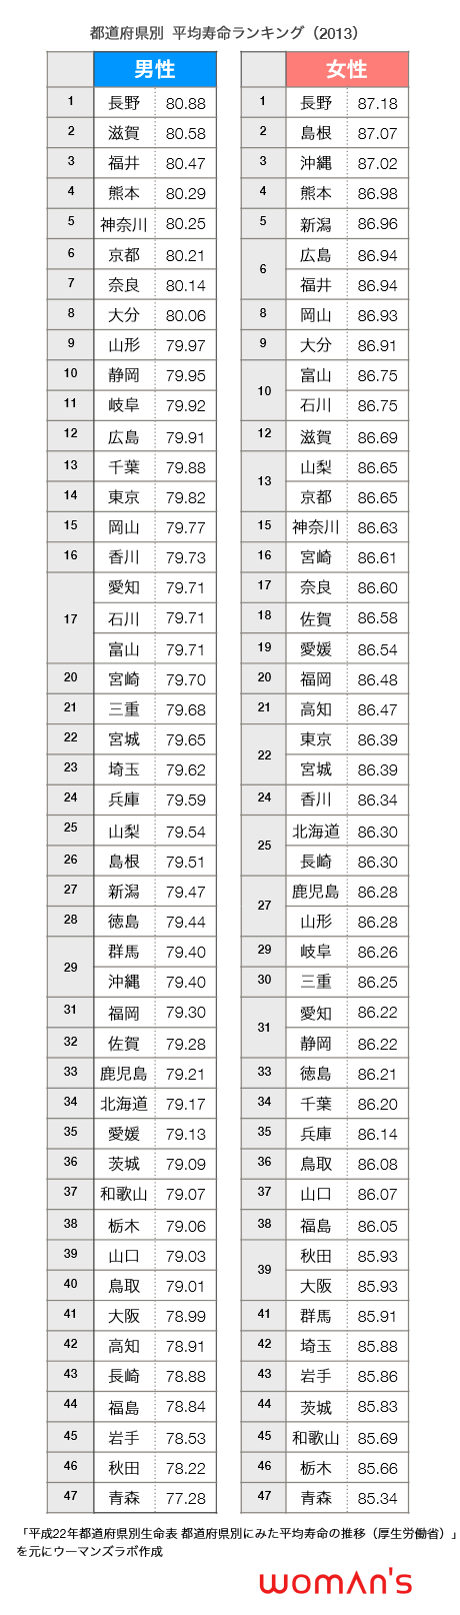 都道府県別平均寿命ランキング